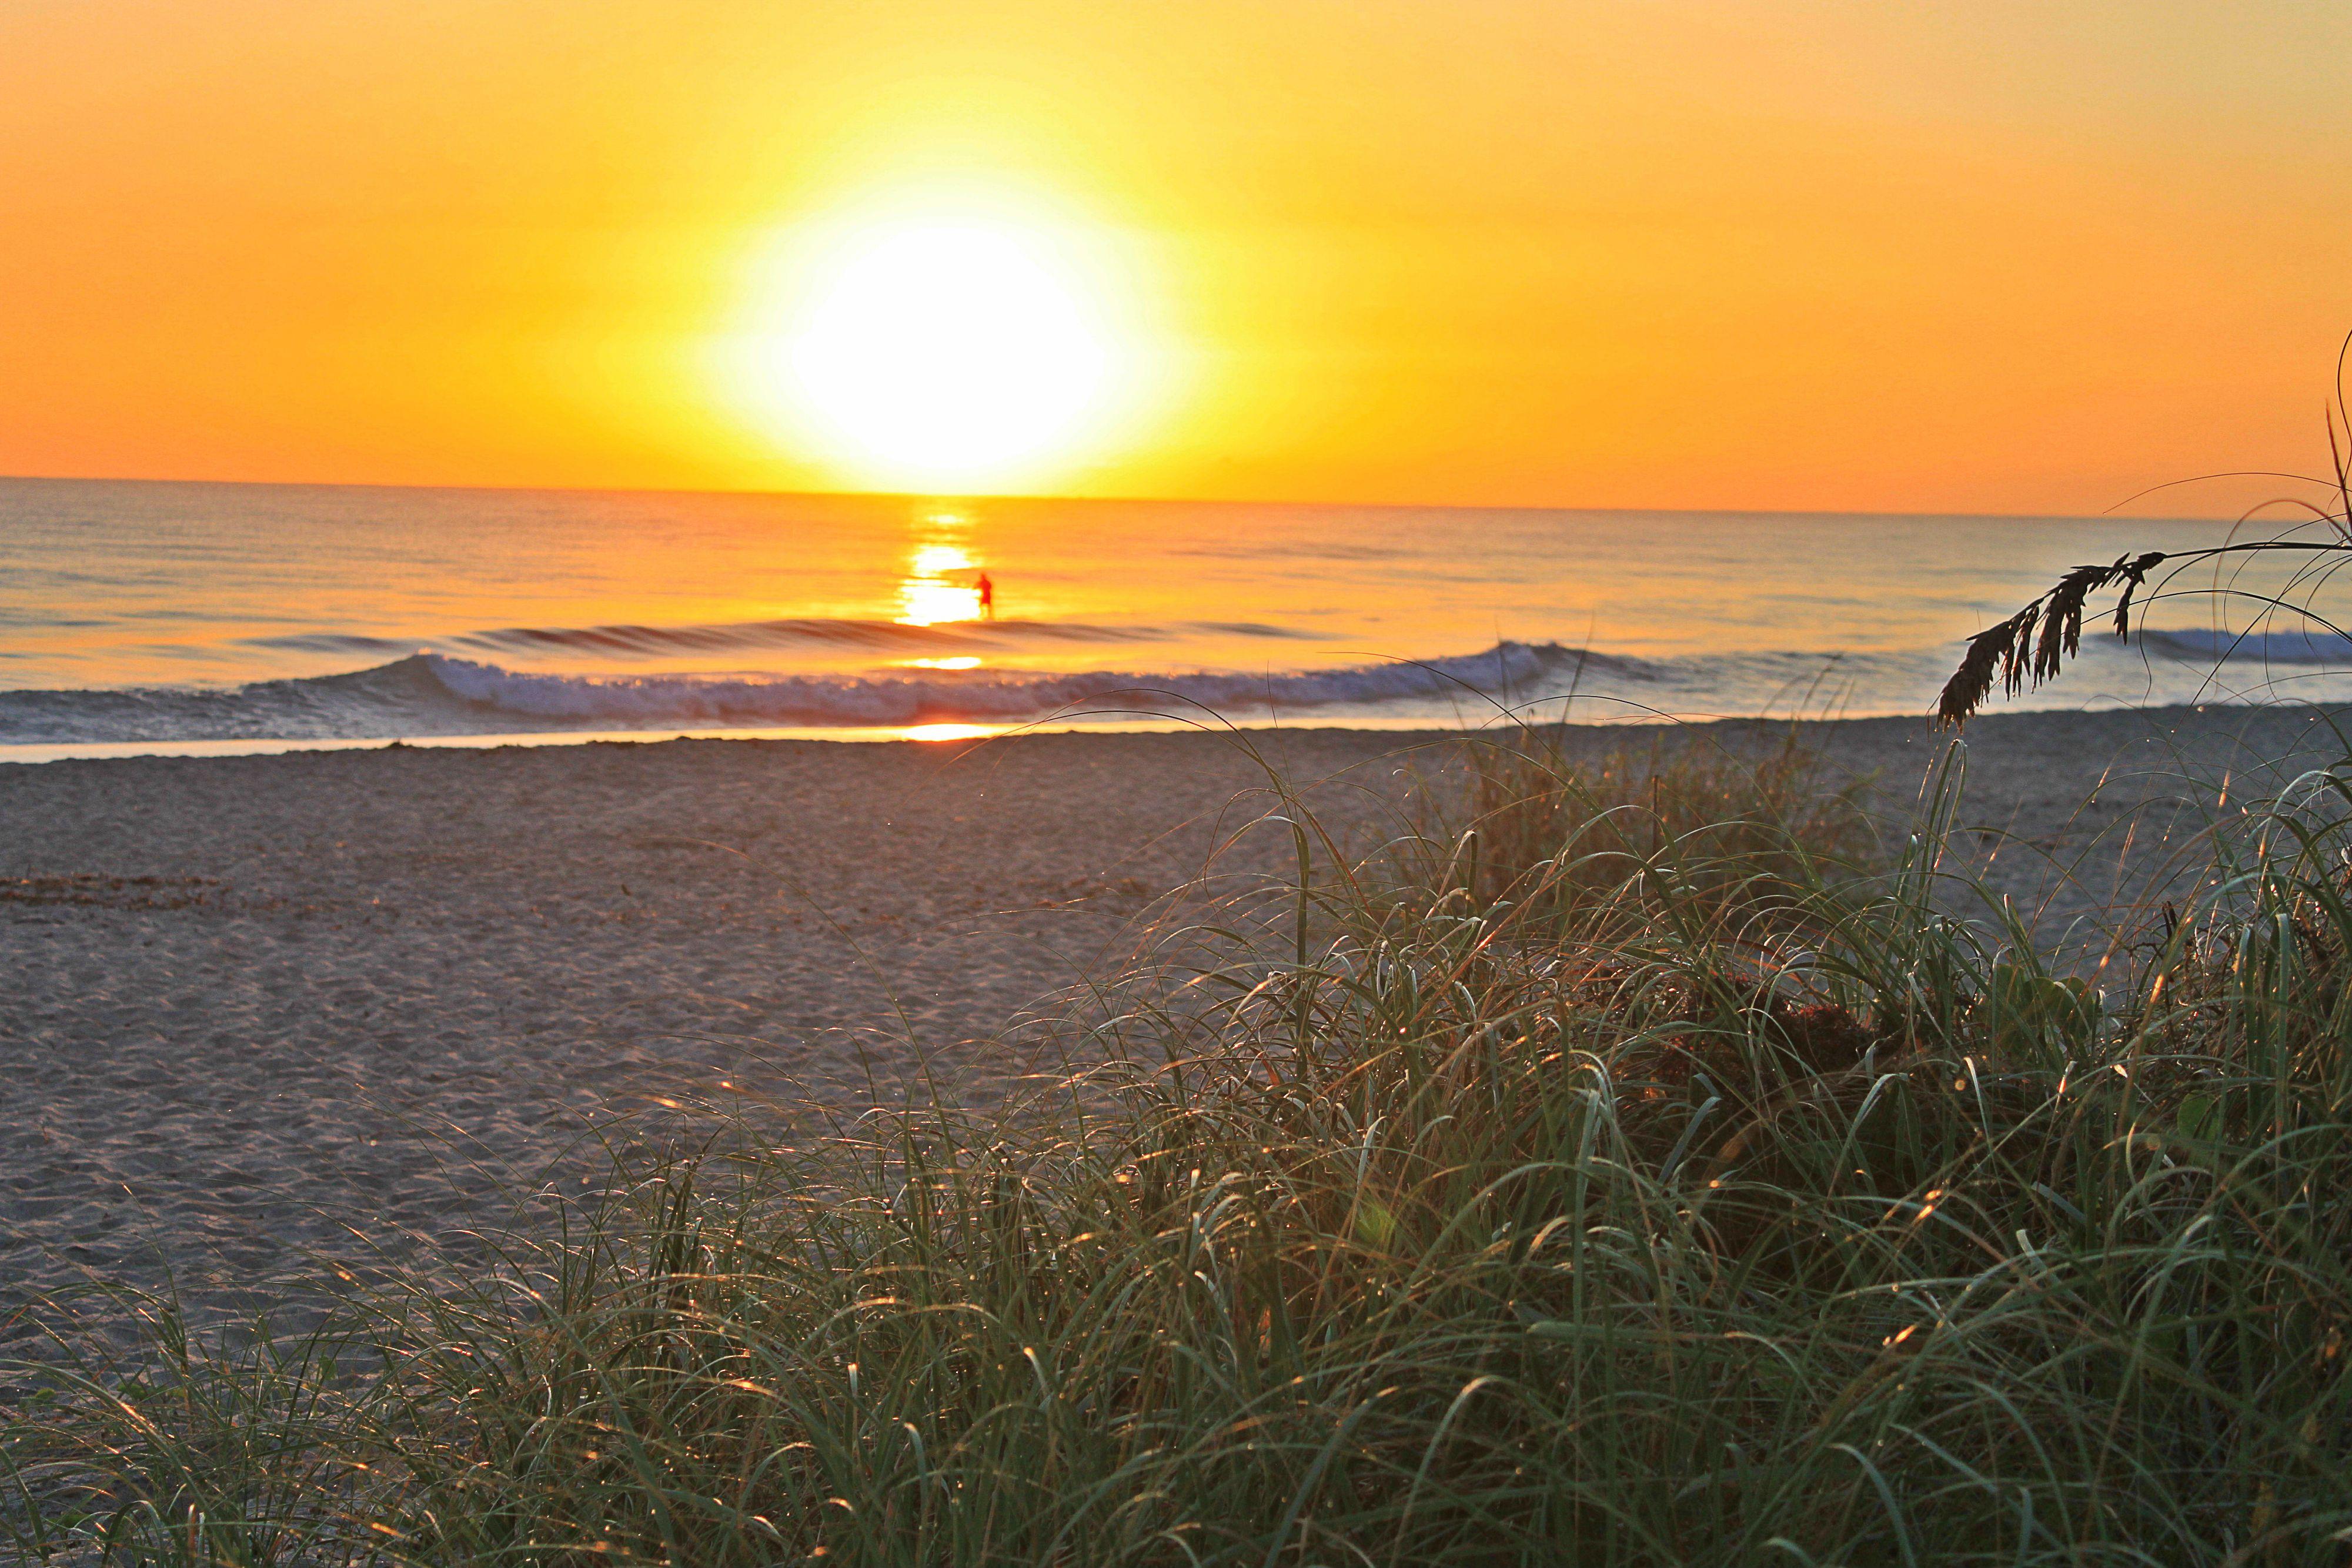 Sunrise at Kite Beach